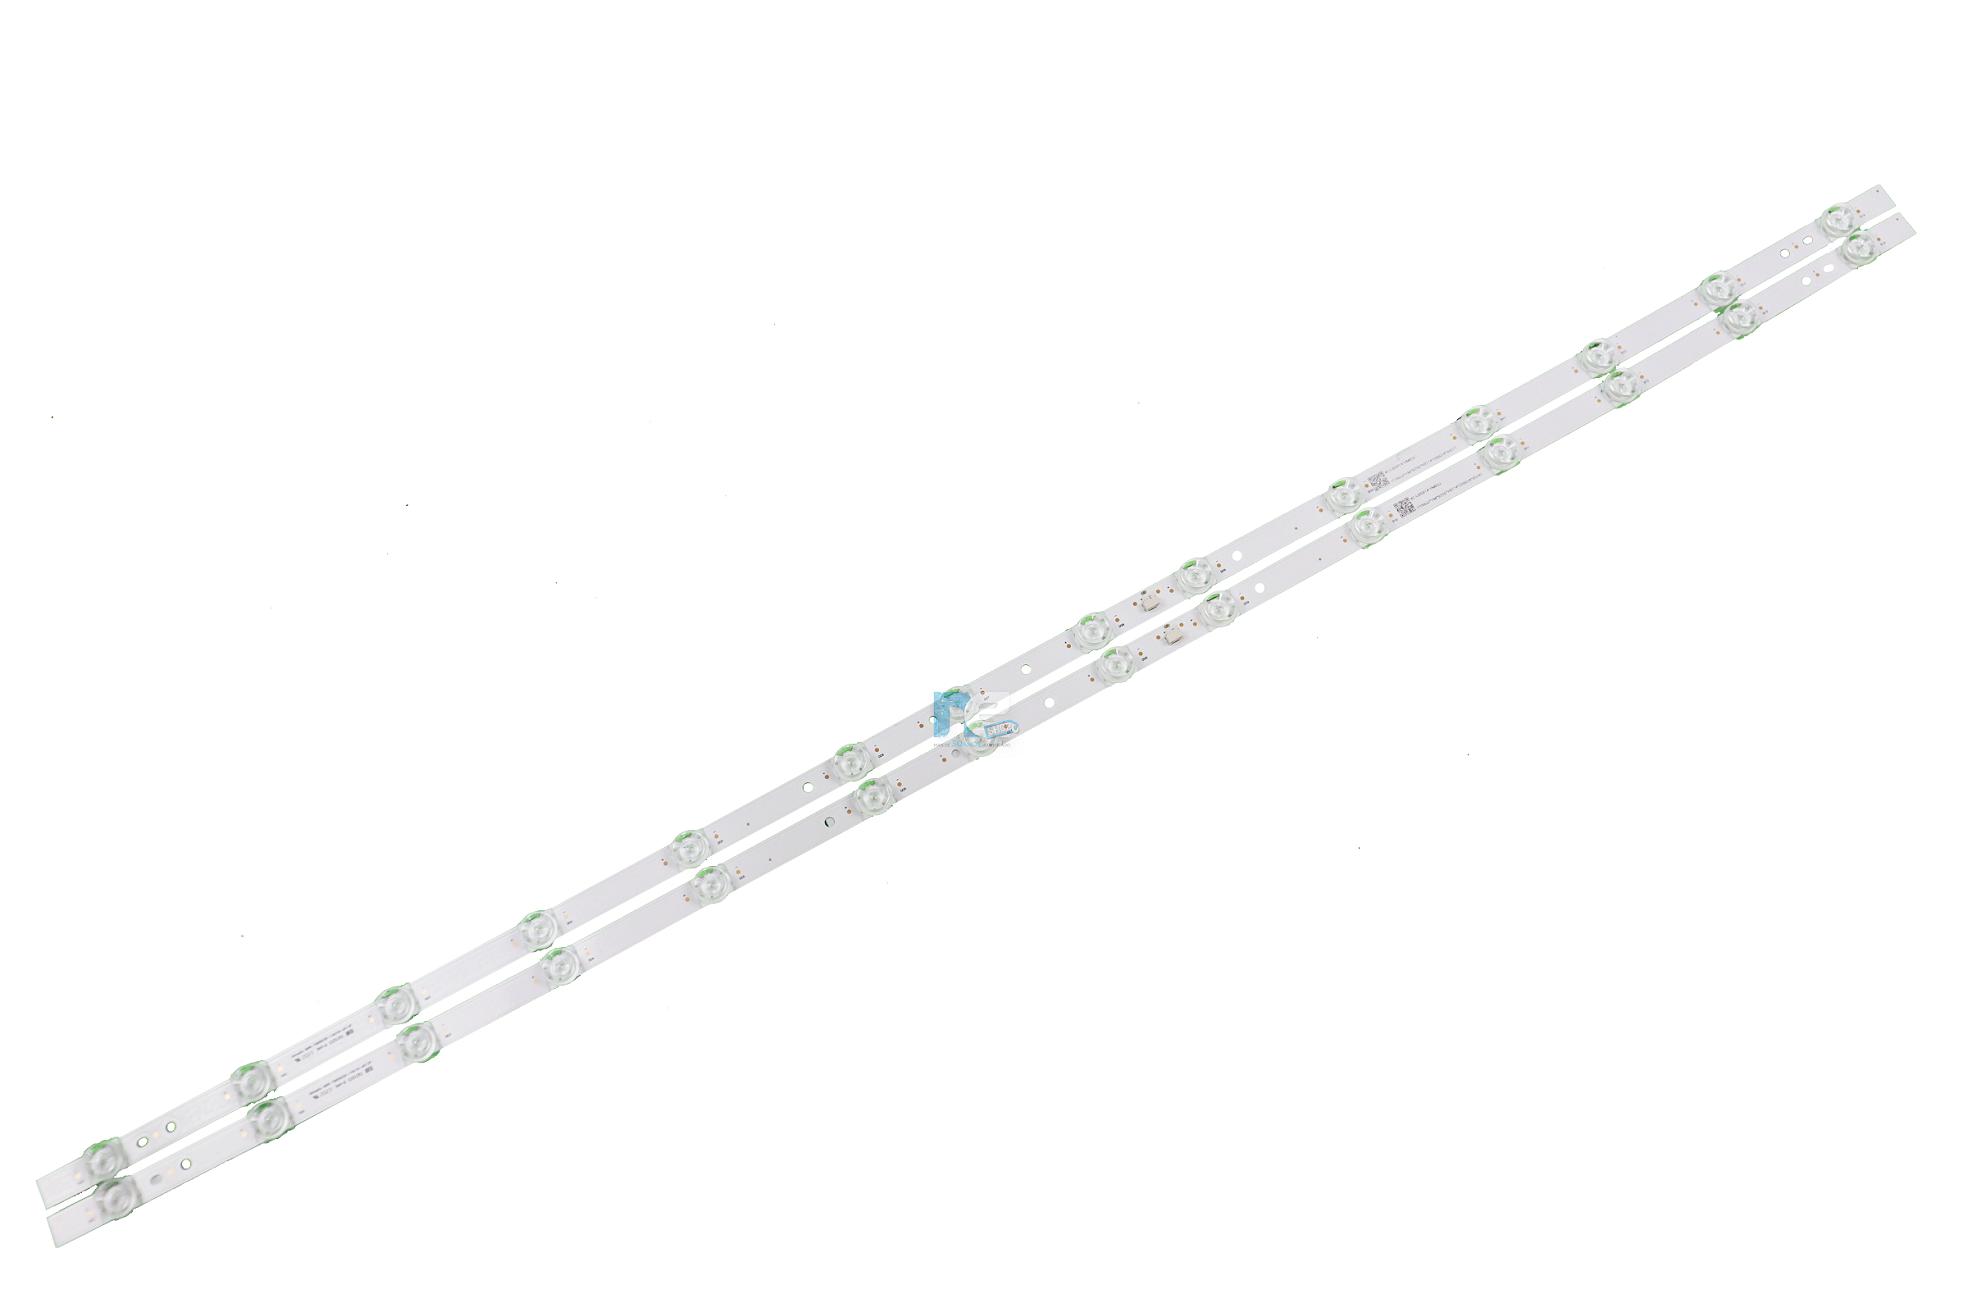 KIT BARRA DE LED TCL 50P715 4C-LB5014-YM03J